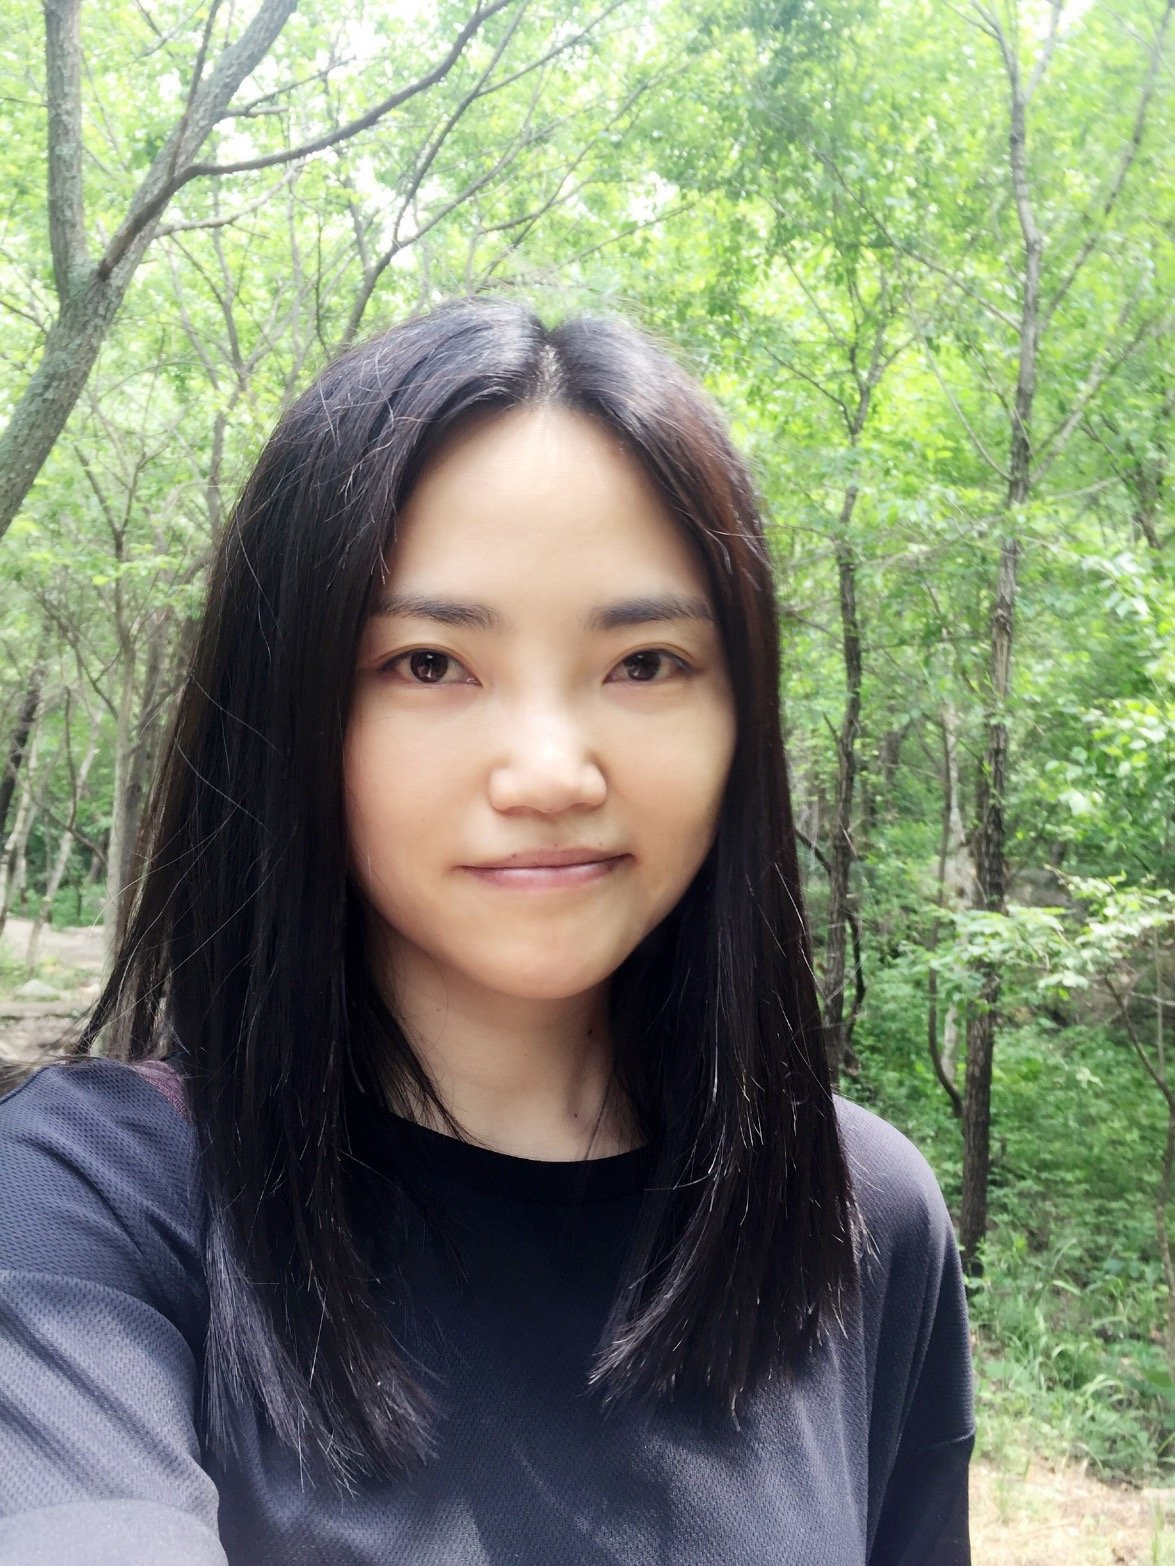 Anya Wu